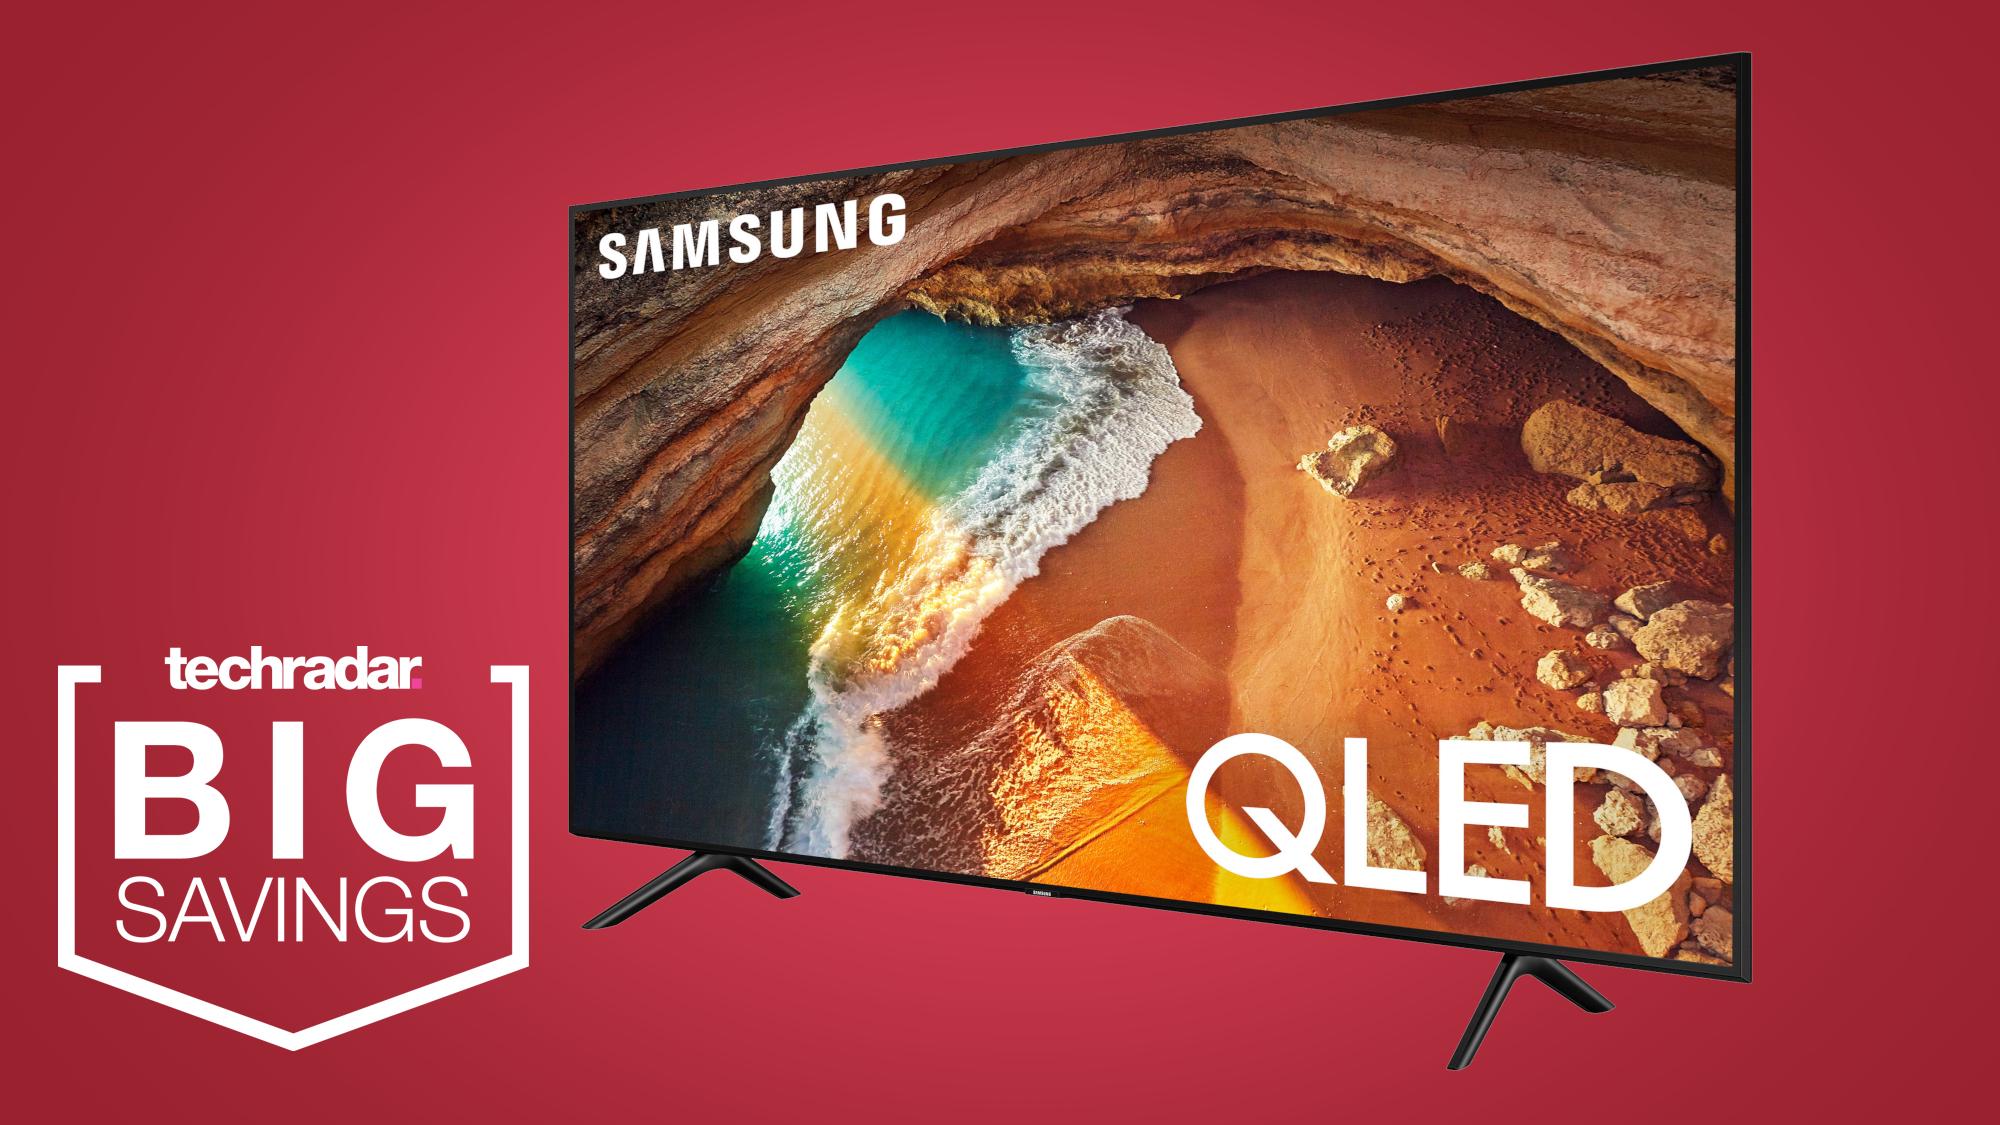 Samsung TV sales: Samsung drops a ton of new deals ahead of Super Bowl 54